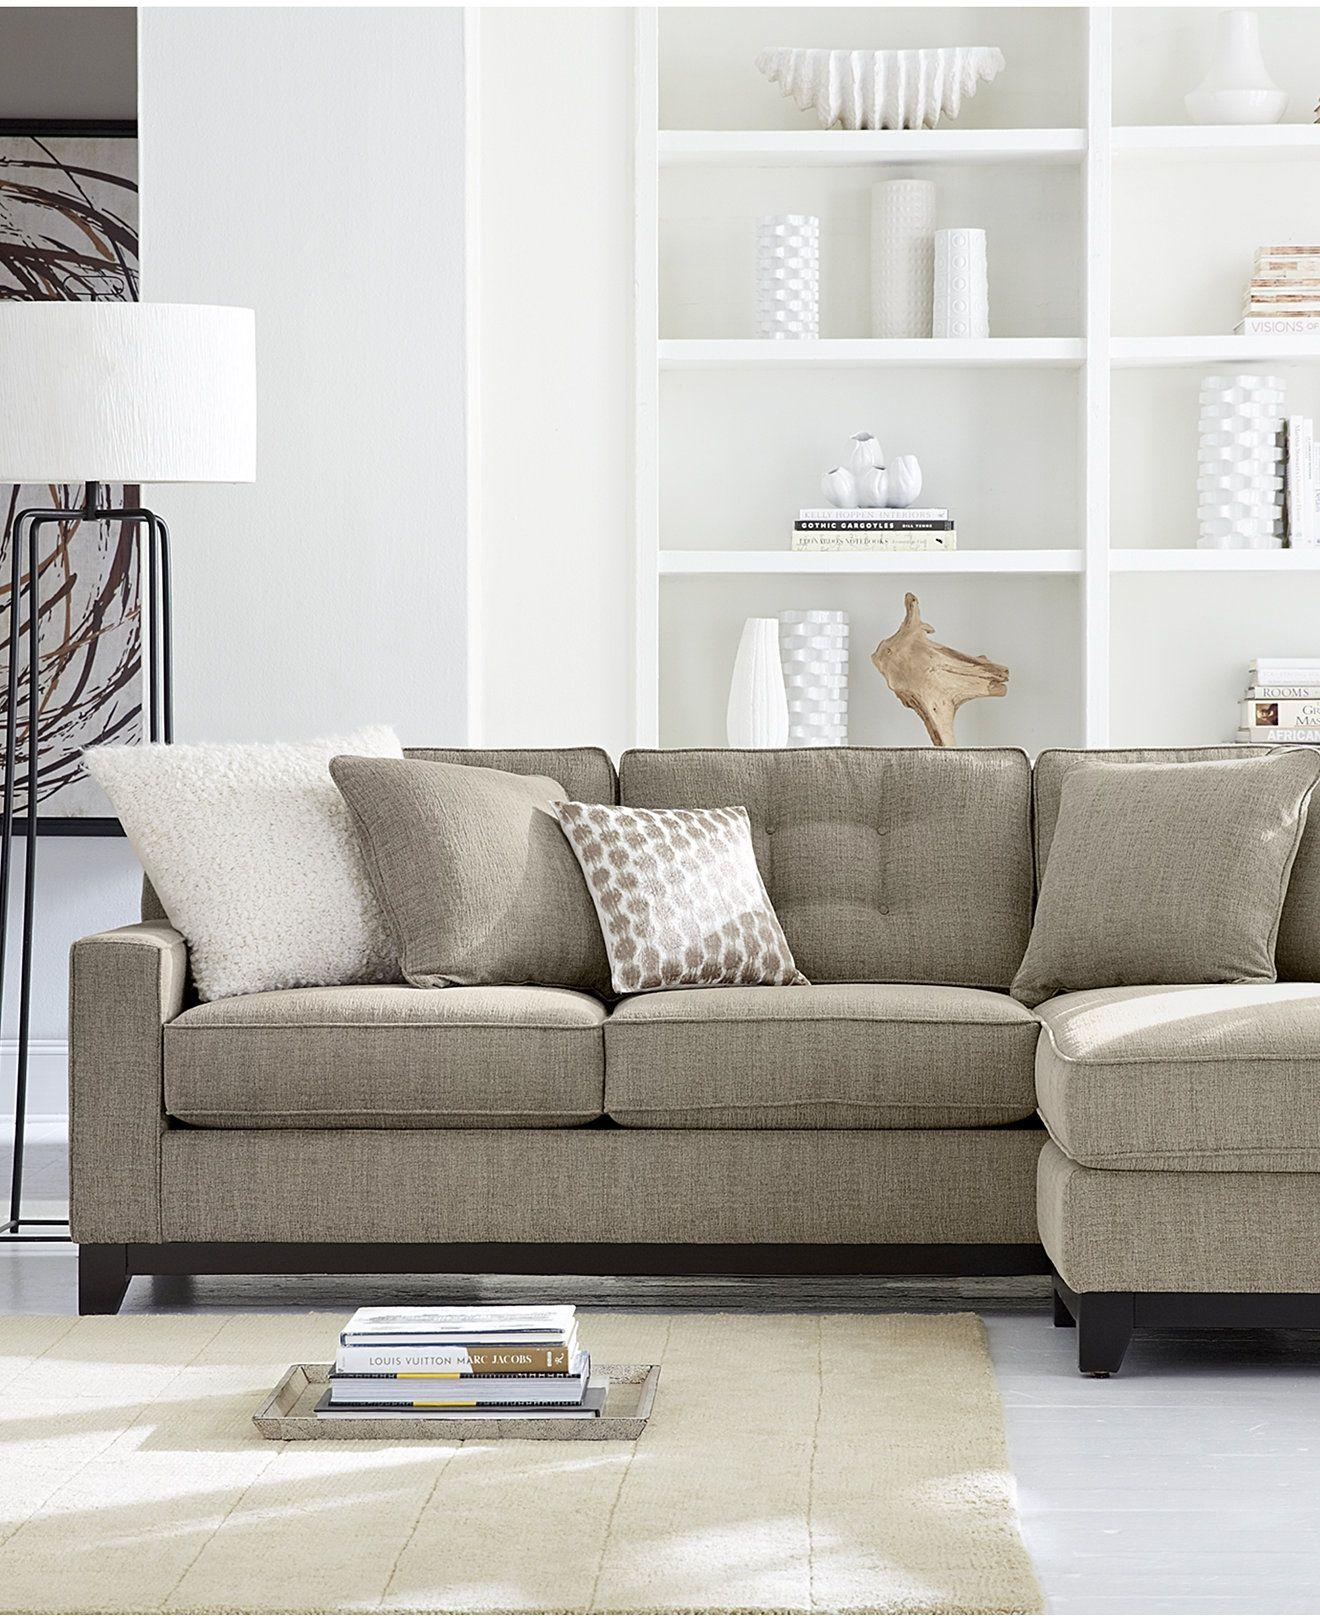 MacyS Kenton Sectional Sofa